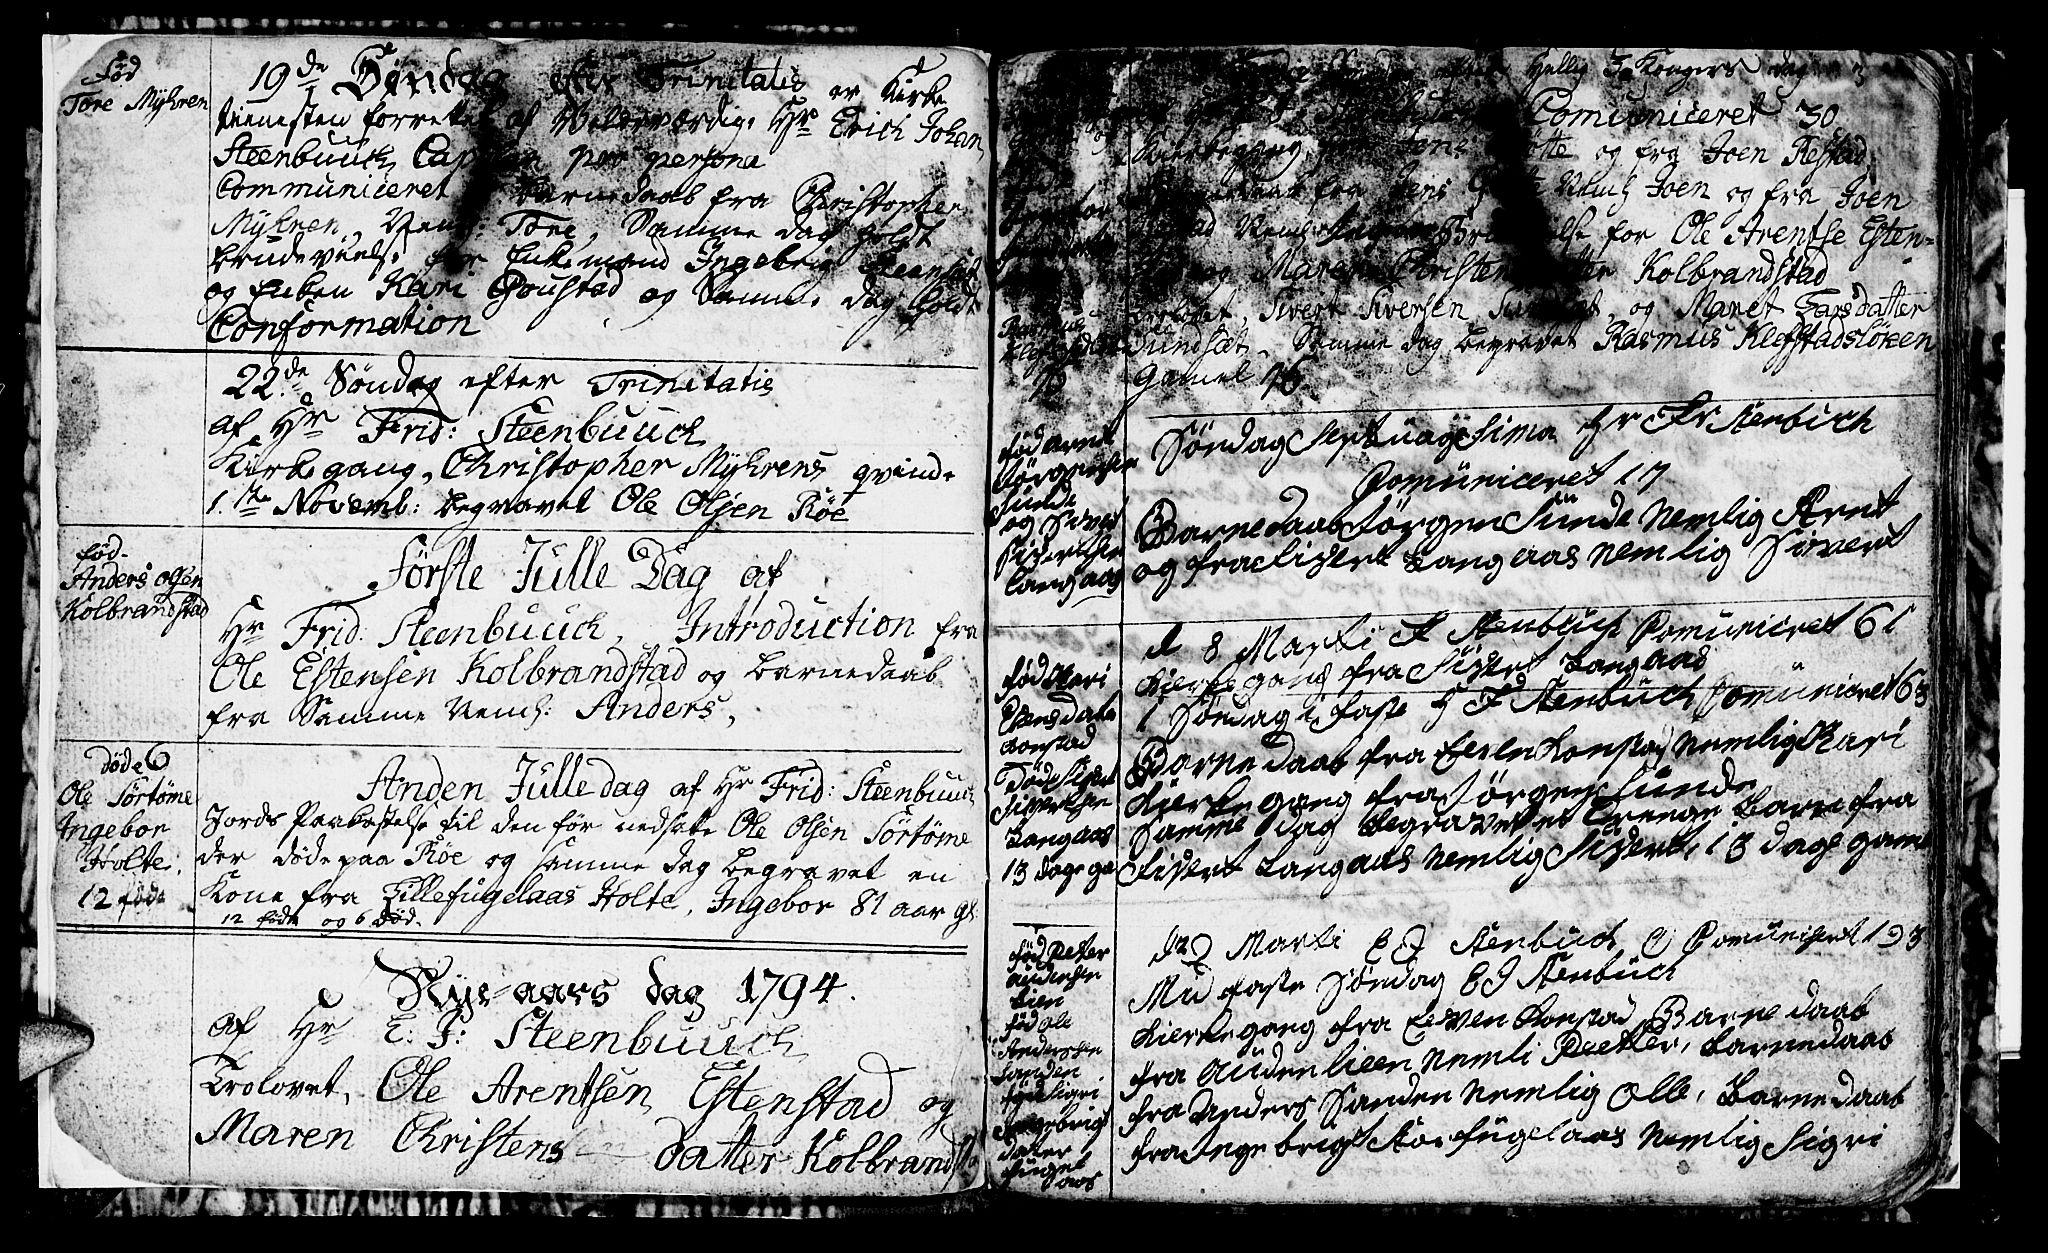 SAT, Ministerialprotokoller, klokkerbøker og fødselsregistre - Sør-Trøndelag, 694/L1129: Klokkerbok nr. 694C01, 1793-1815, s. 3